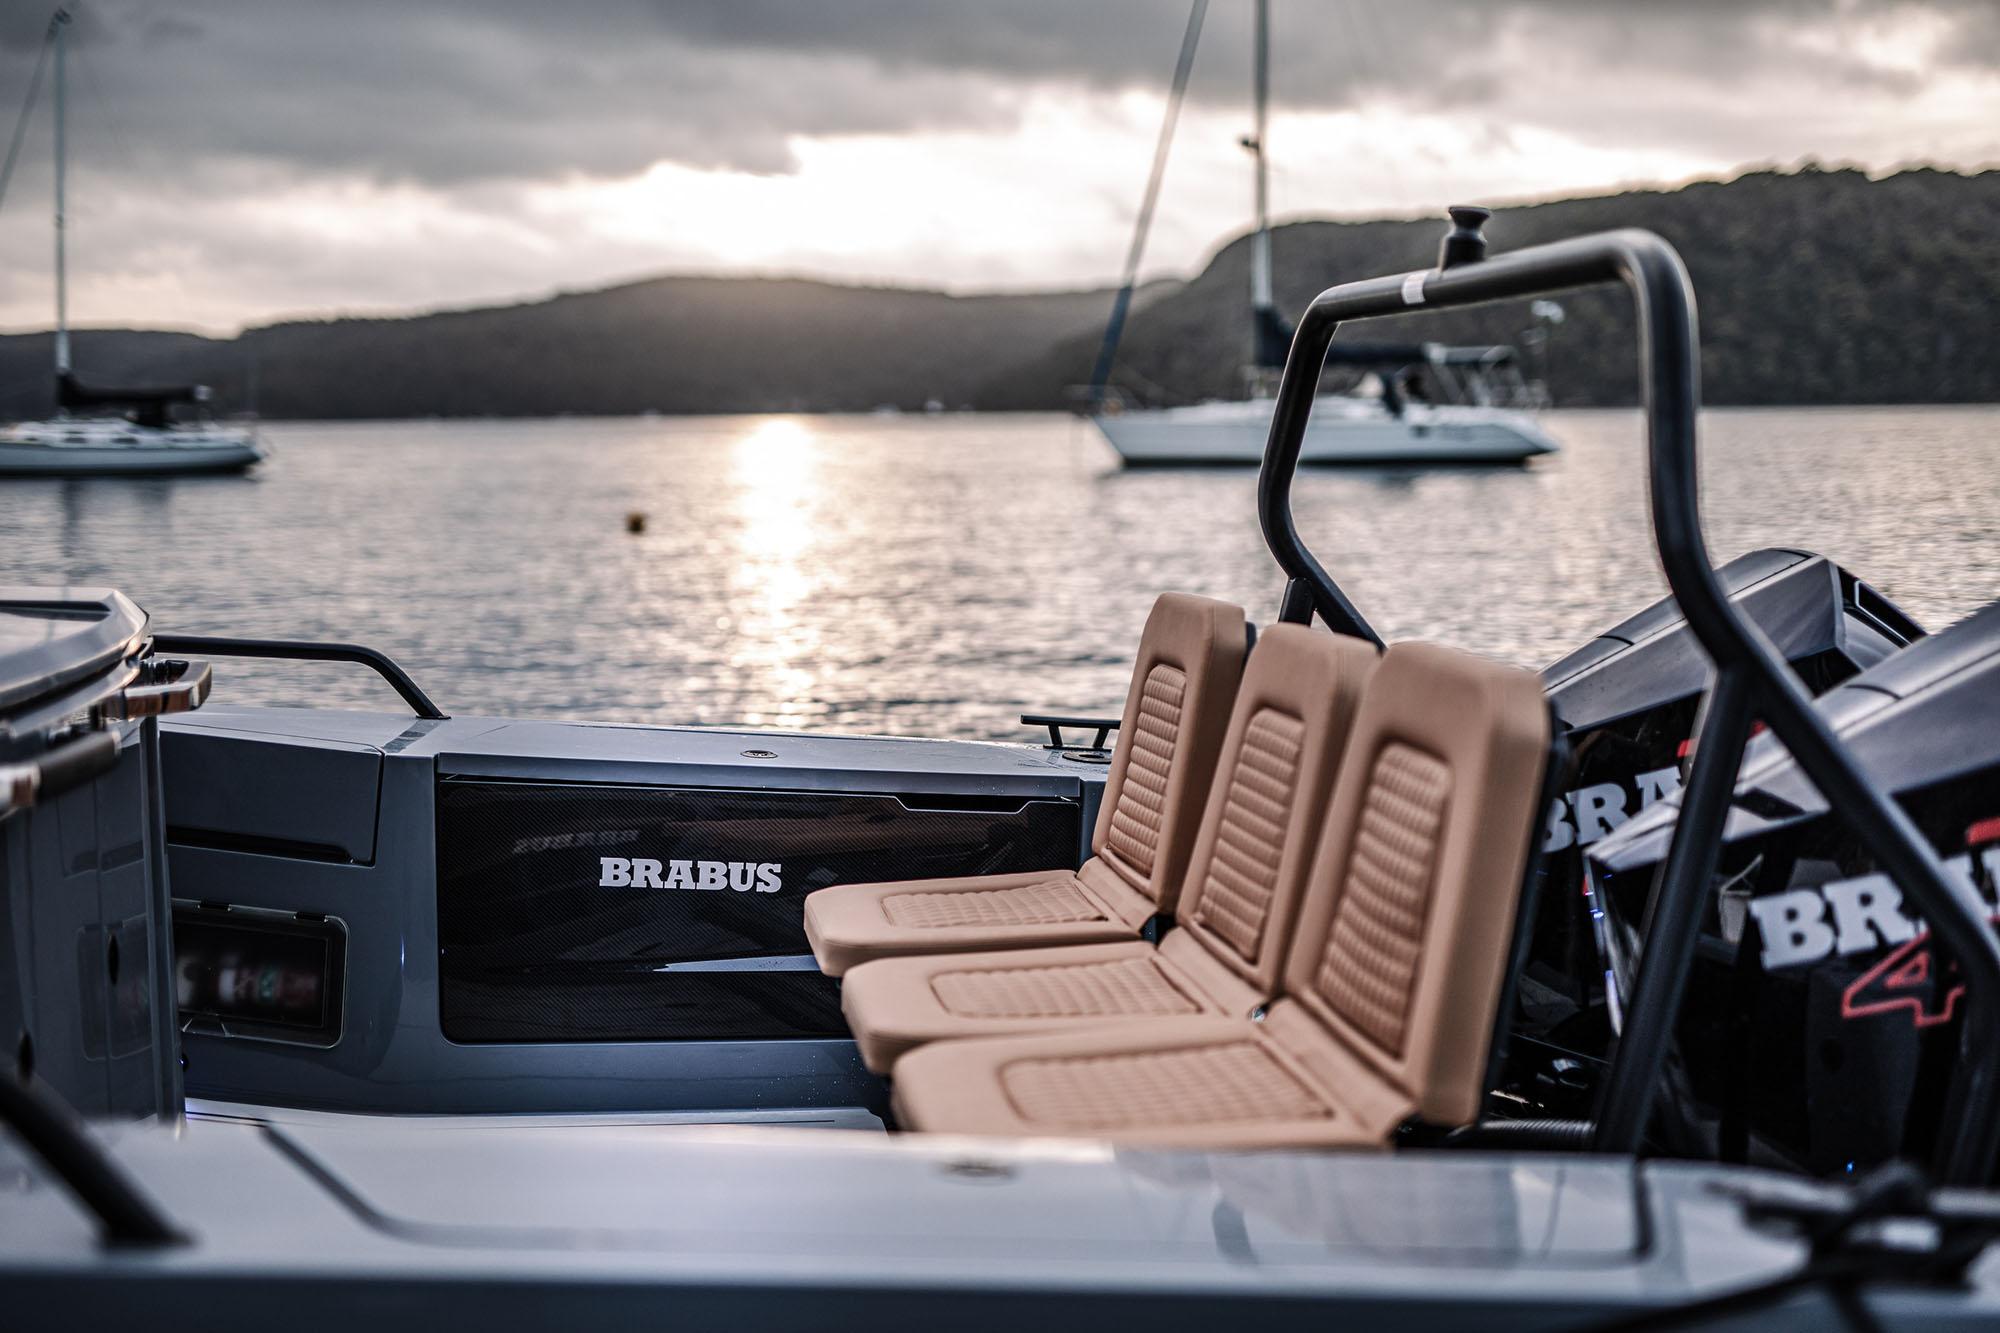 Brabus Shadow 900 XC